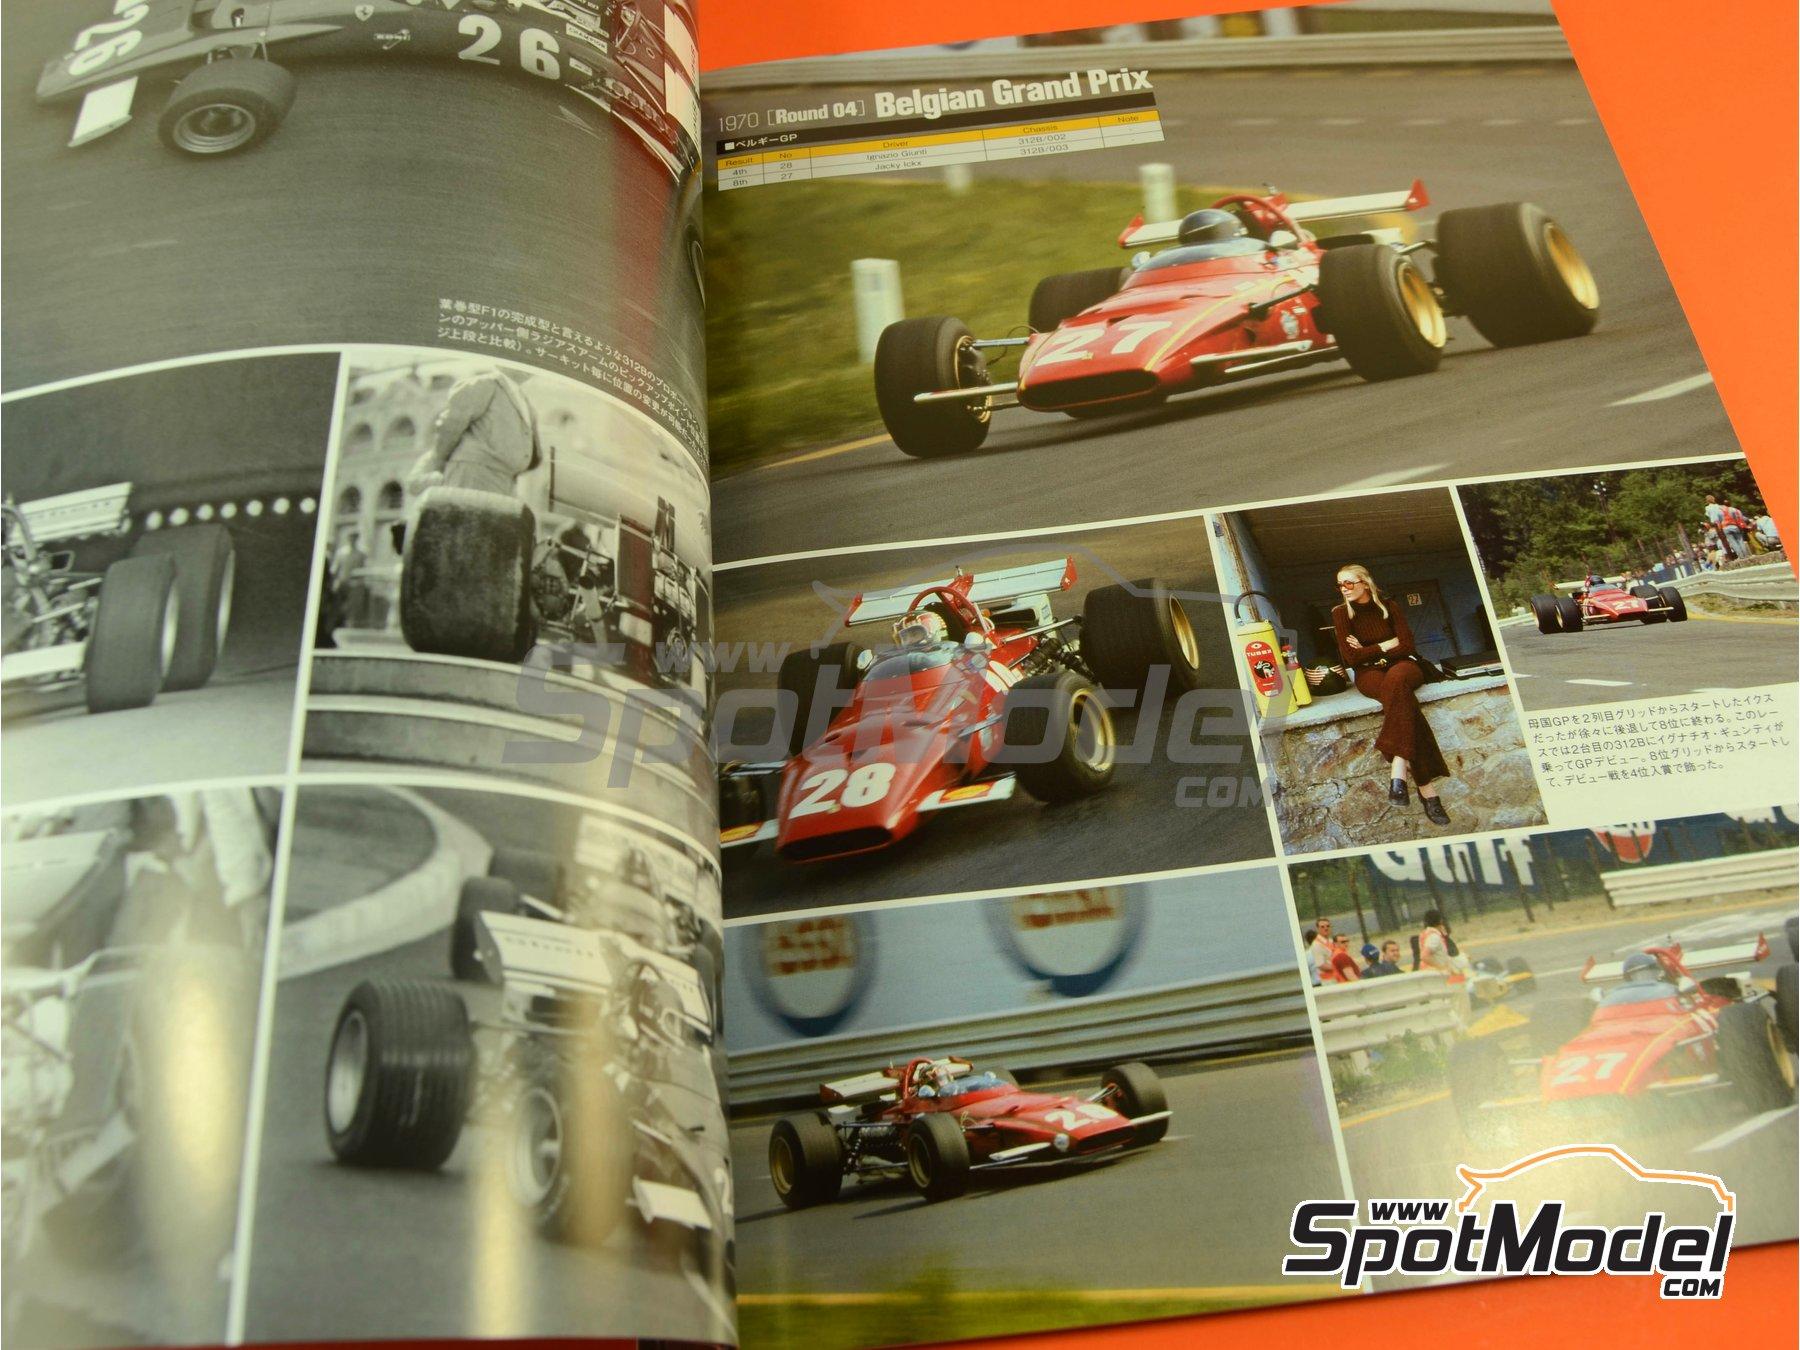 Image 2: Joe Honda Racing Pictorial Series: Grand Prix, part 1 -  1970 | Libro de referencia fabricado por Model Factory Hiro (ref.MFH-JH42)